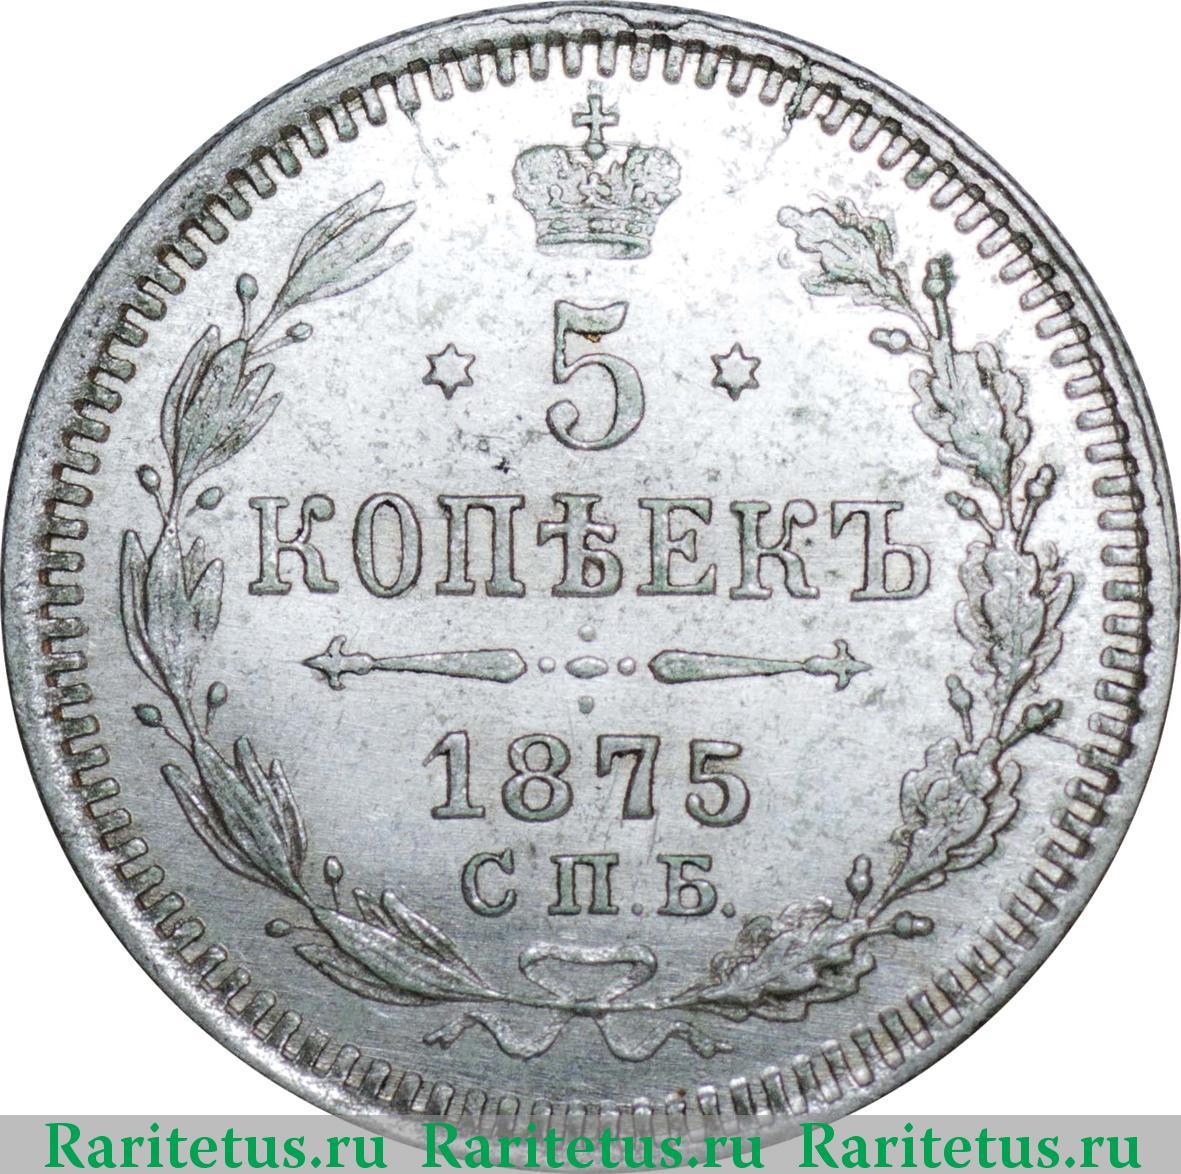 Сколько стоит монета 1875 года 5 копеек монета 1 грош 1949 г польша